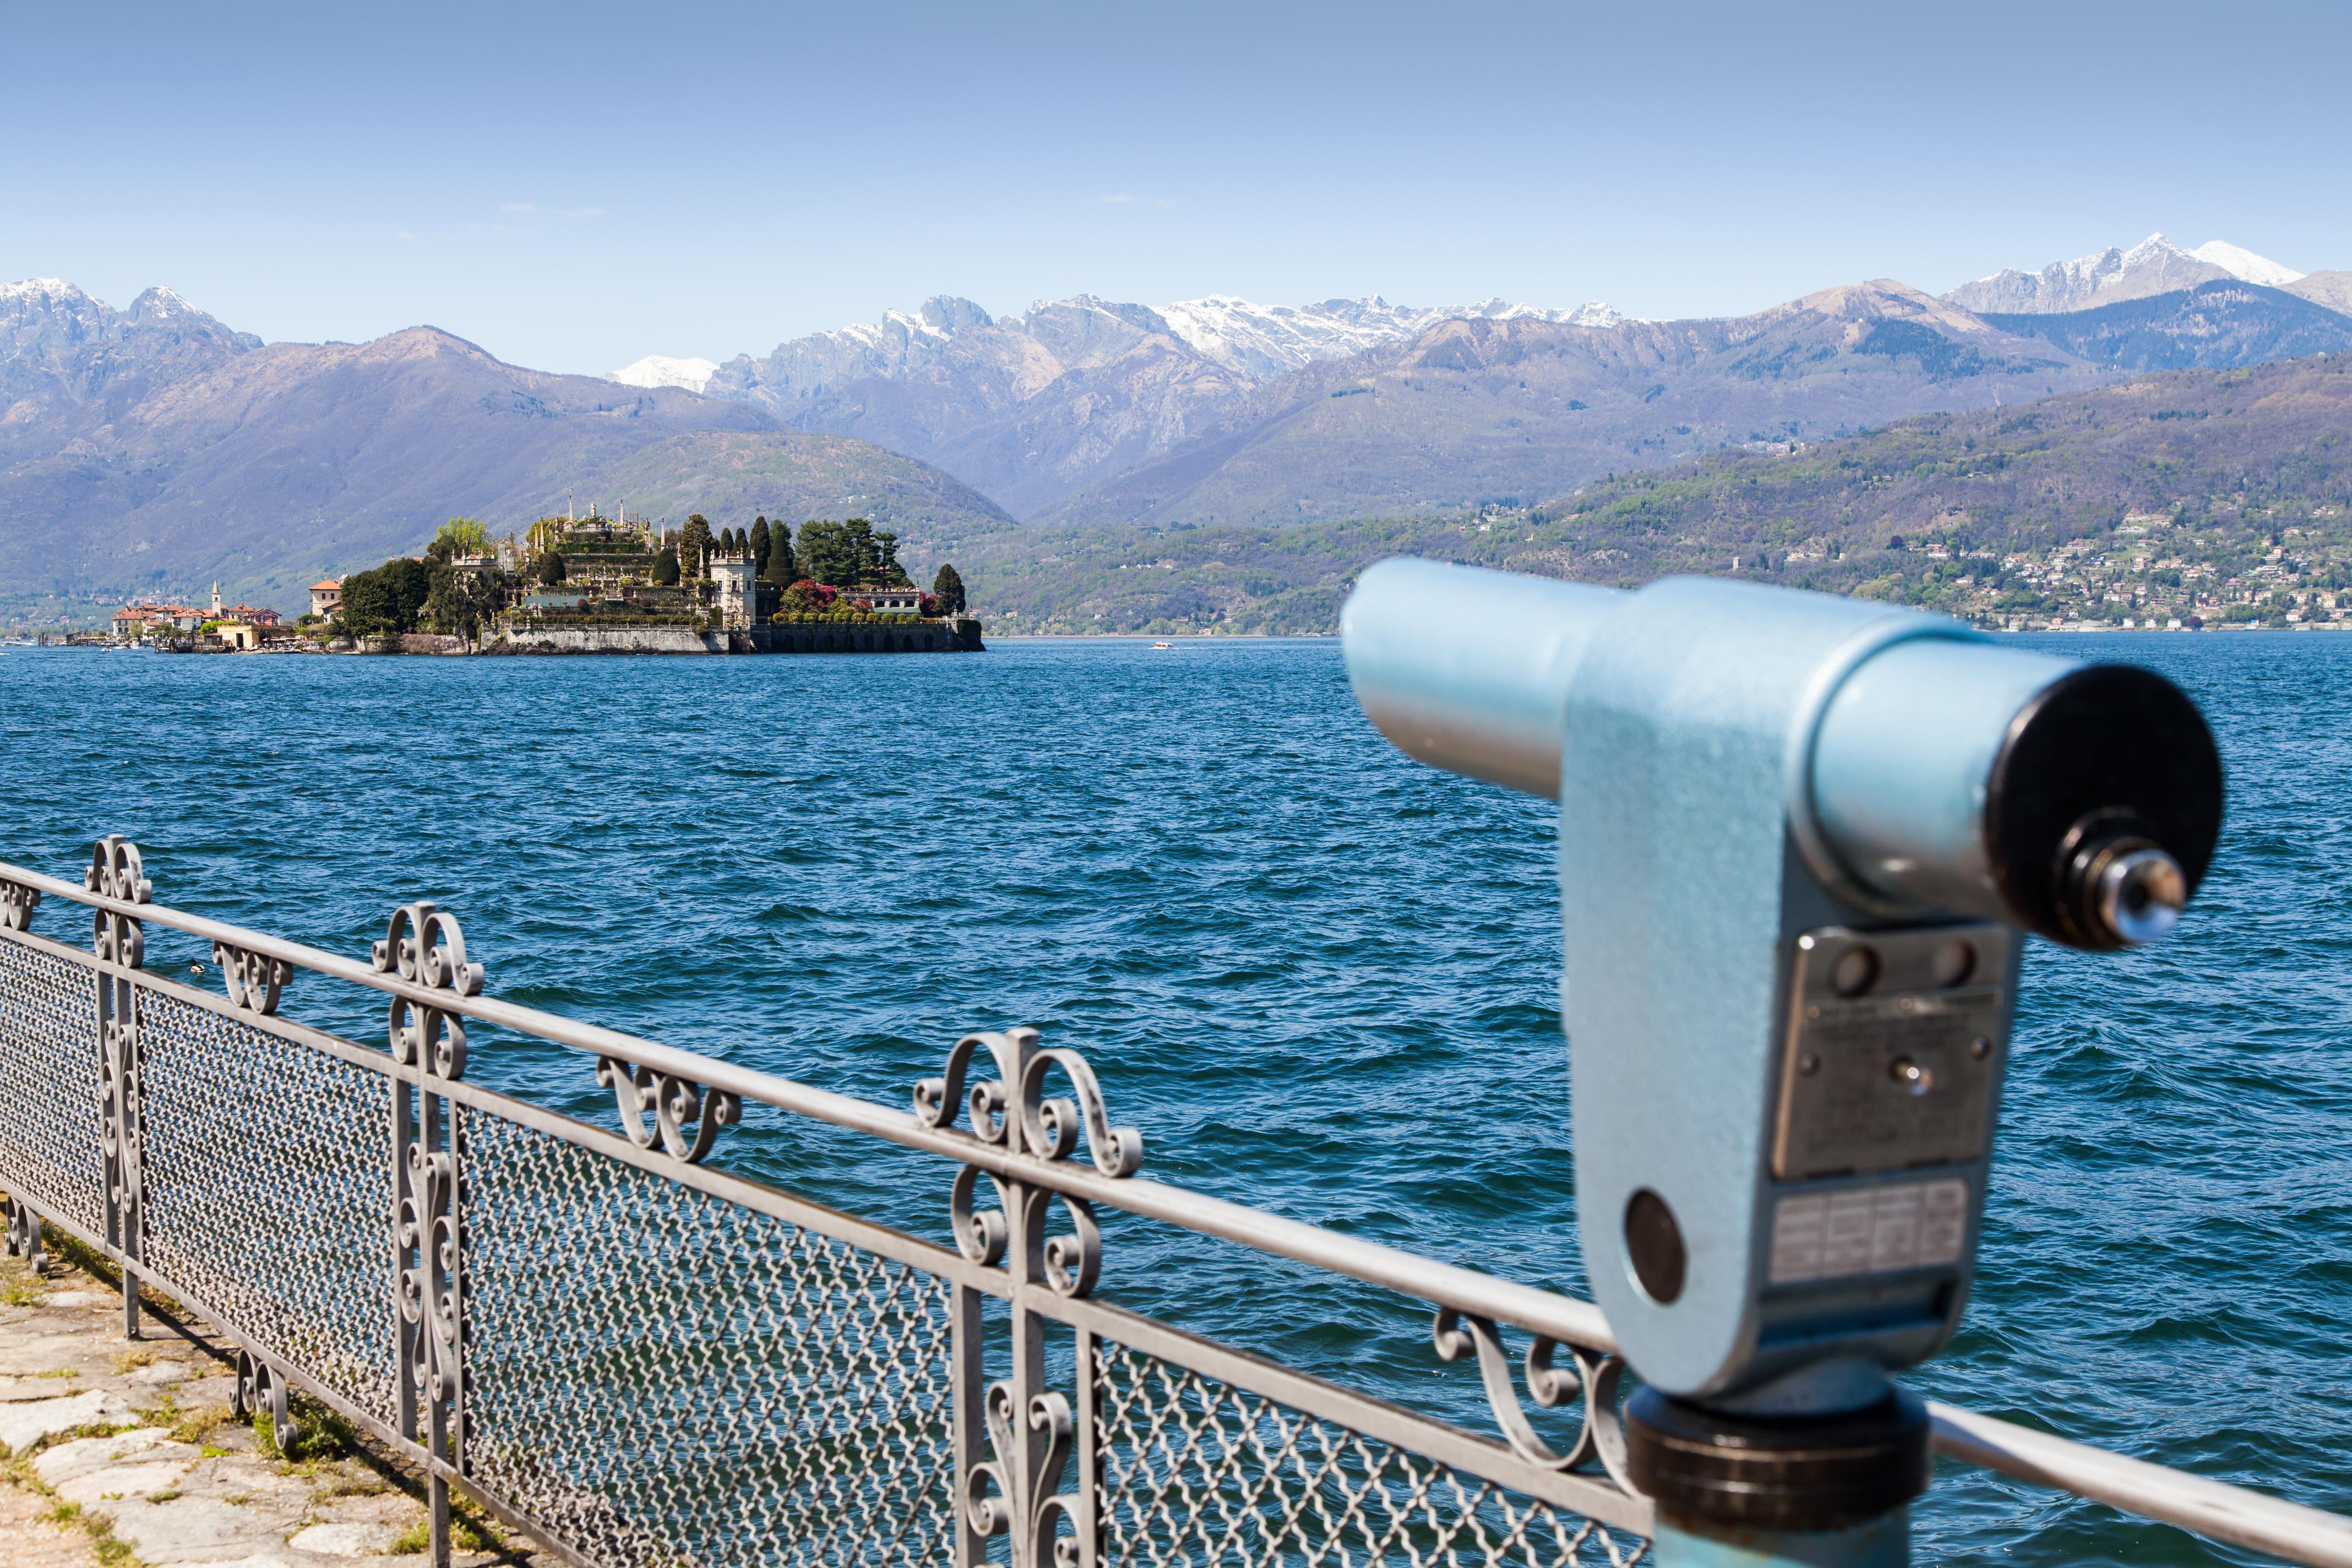 Descubre el vuelo libre de las aves rapaces en el cielo de los Alpes - Italia Circuito Norte de Italia: Lagos, Milán y Venecia